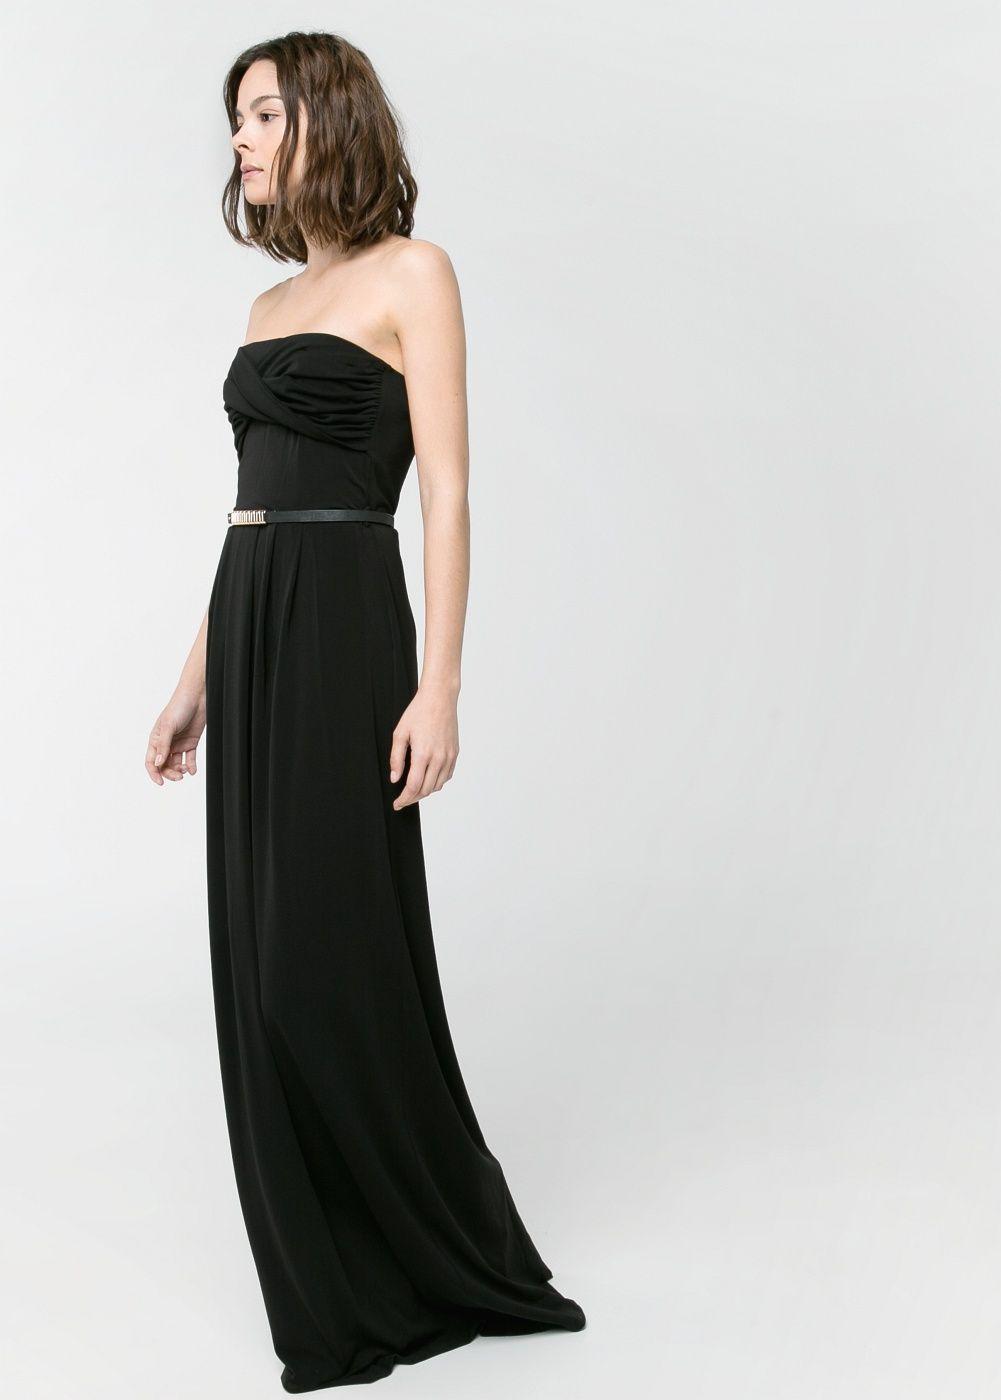 Kleid mit drapierung - Damen | Trägerloses kleid, Gürtel und Mango